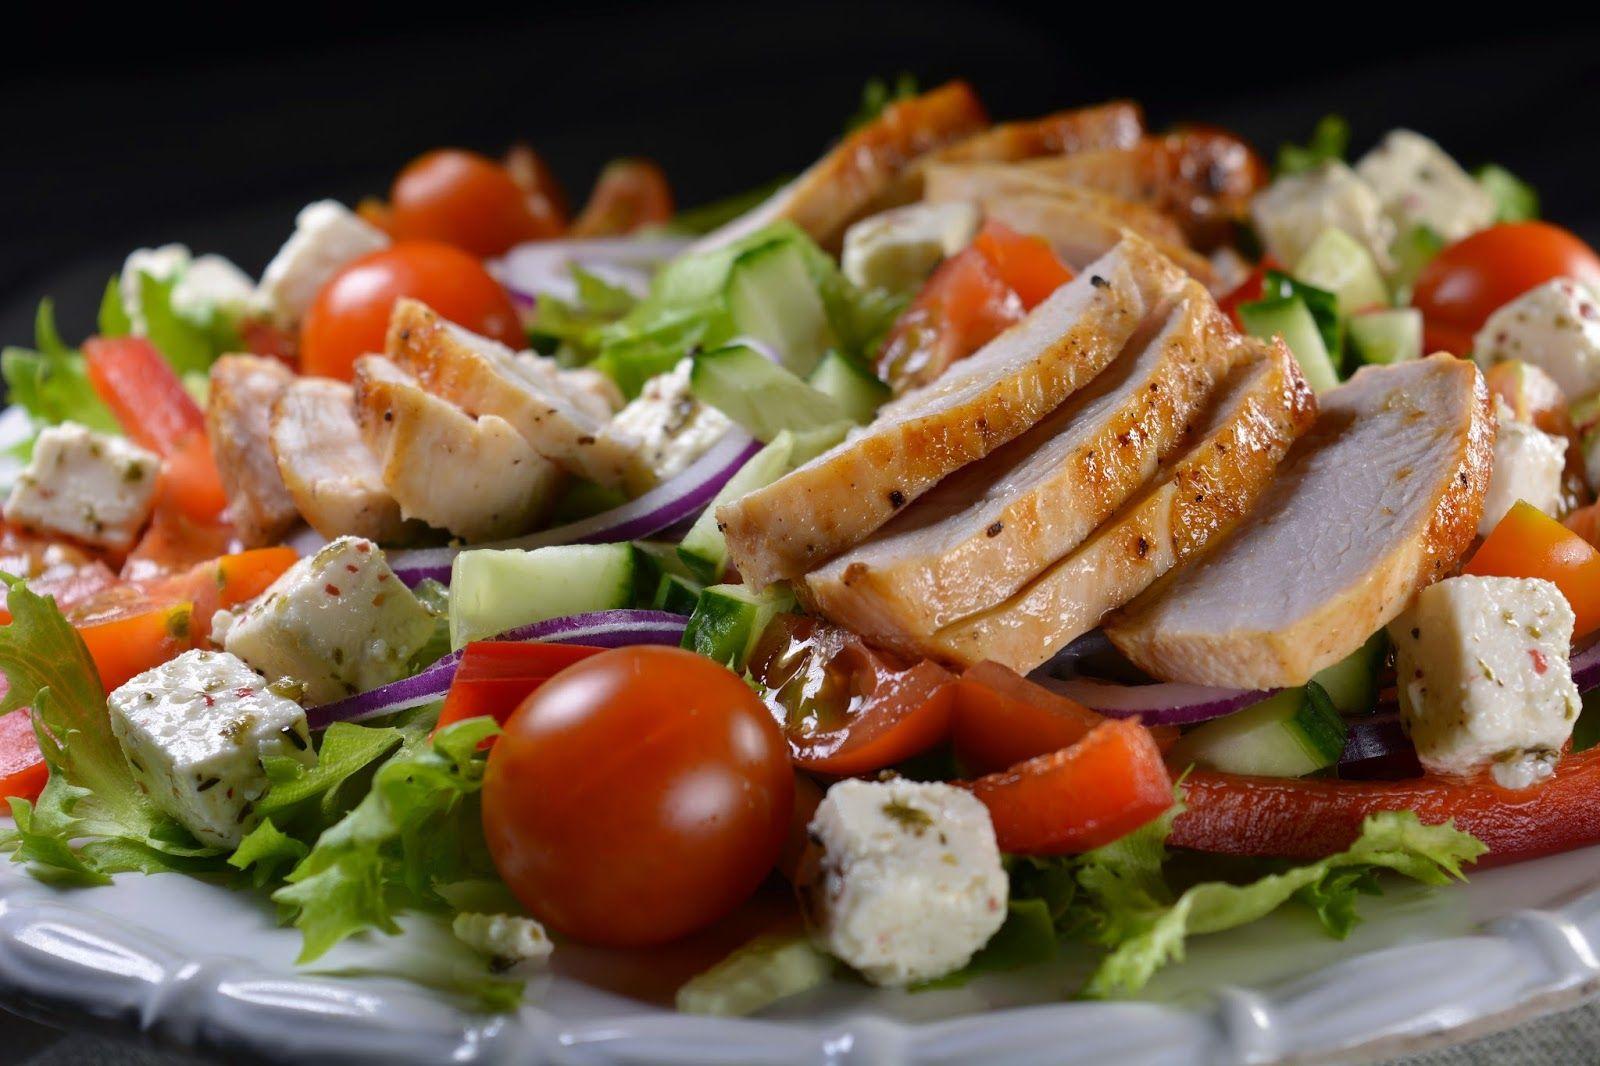 Tuulikummun keittiössä: Suomen suosituin salaatti